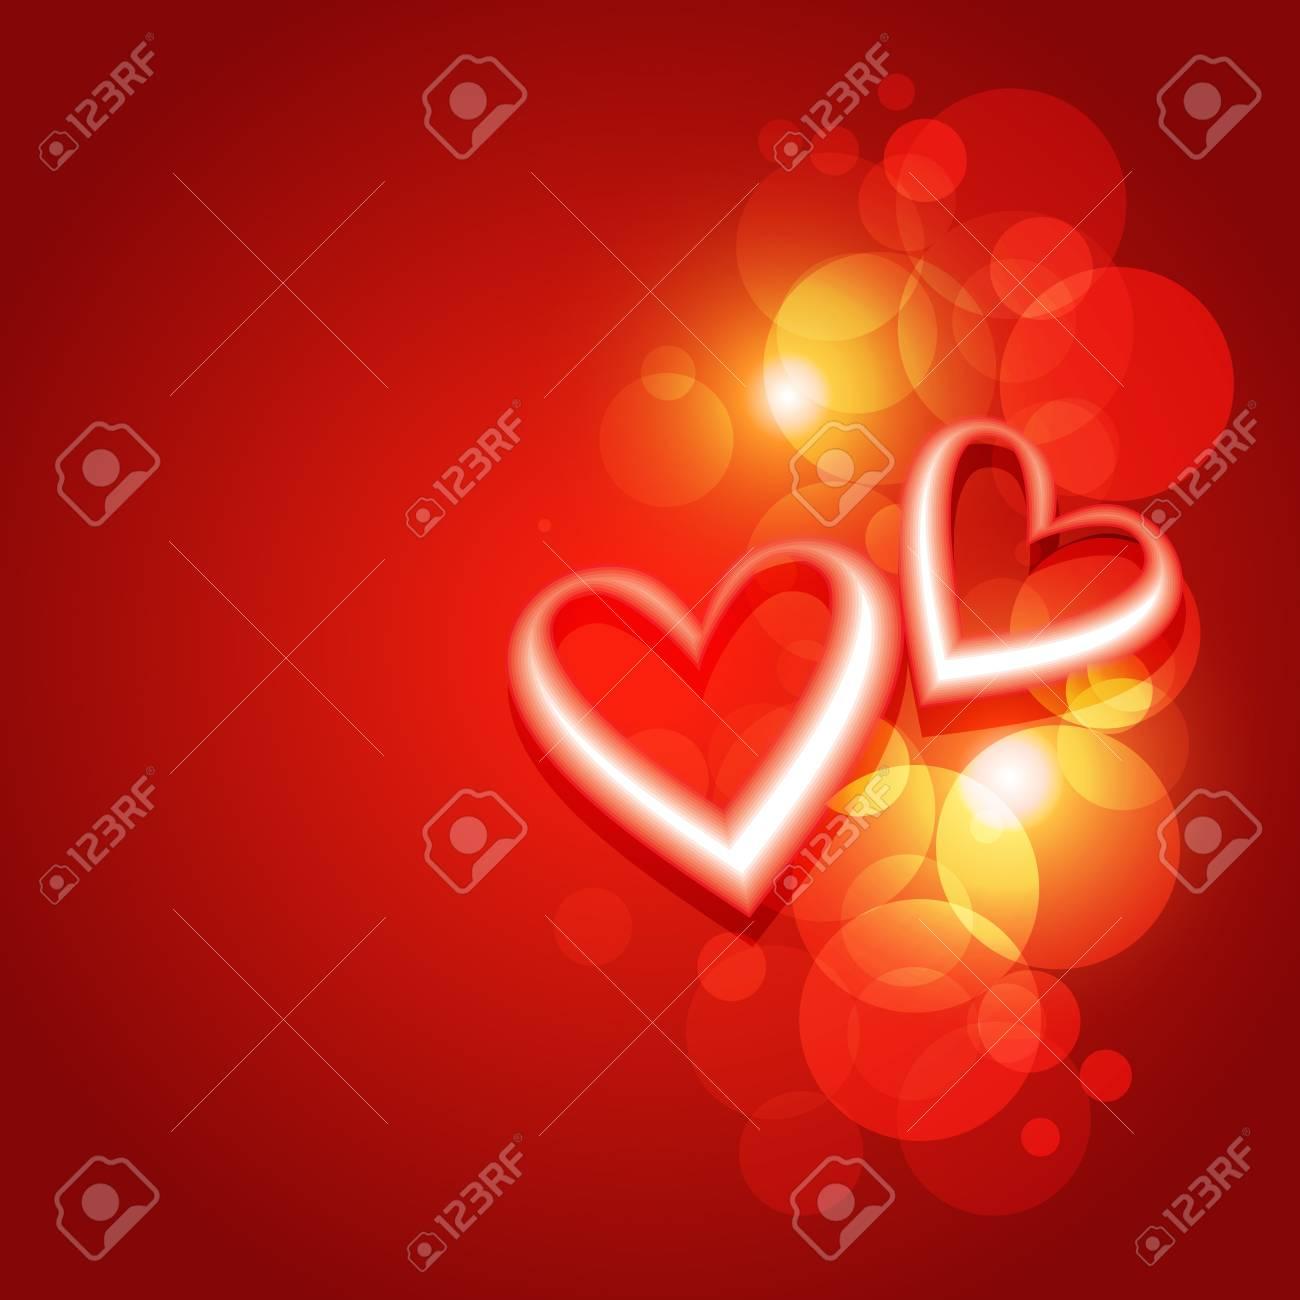 beautiful valentine day heart background design artwork